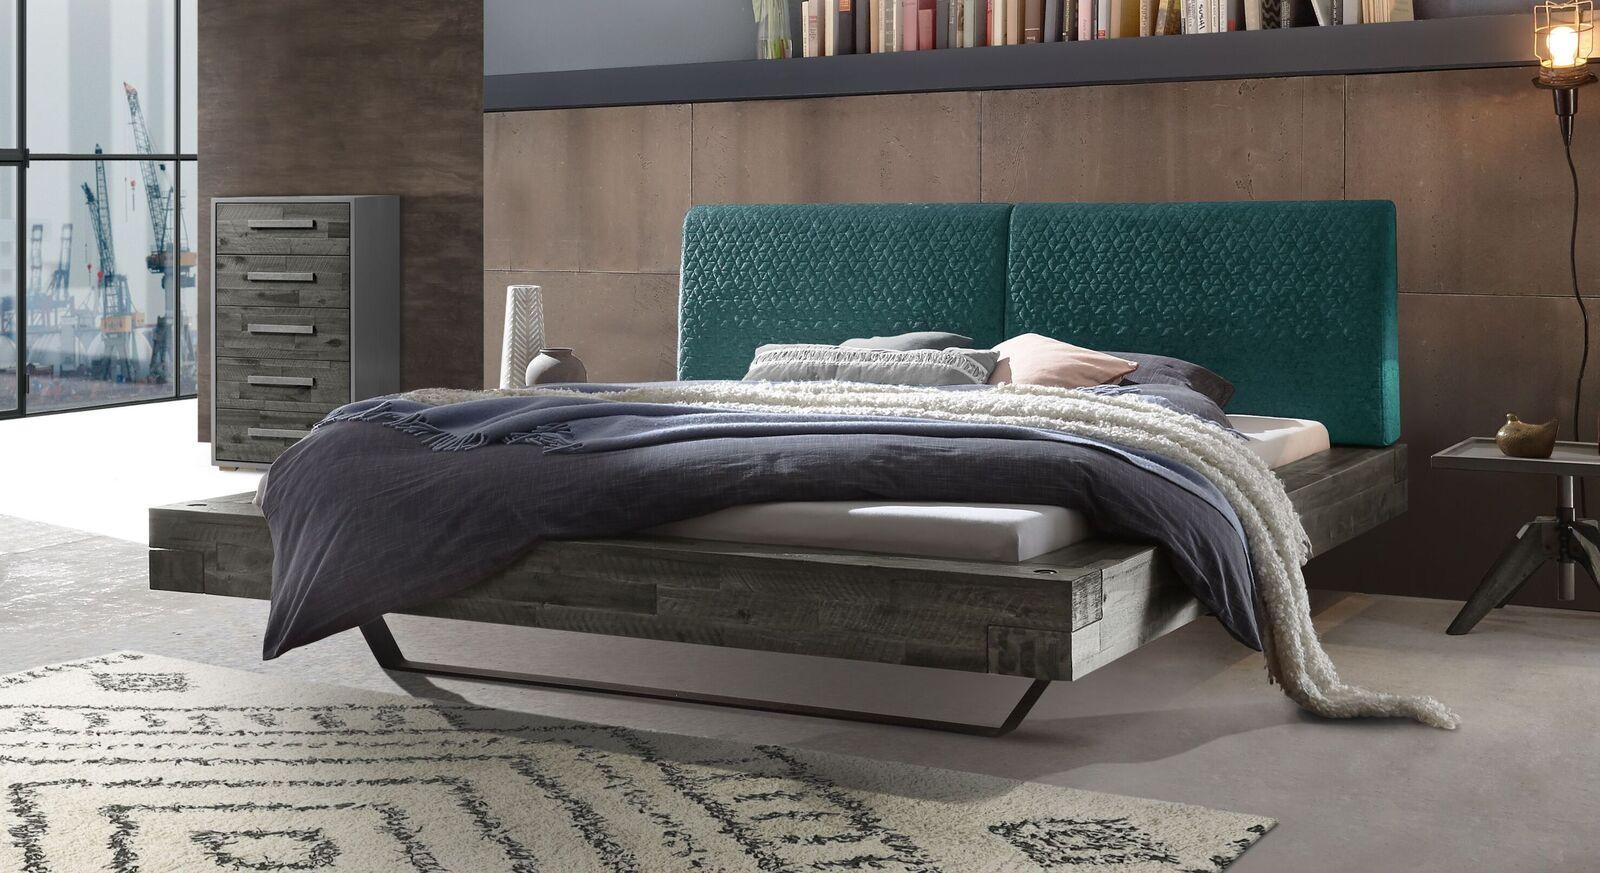 Bett Velario mit grauem Rahmen und smaragdfarbenem Kopfteil